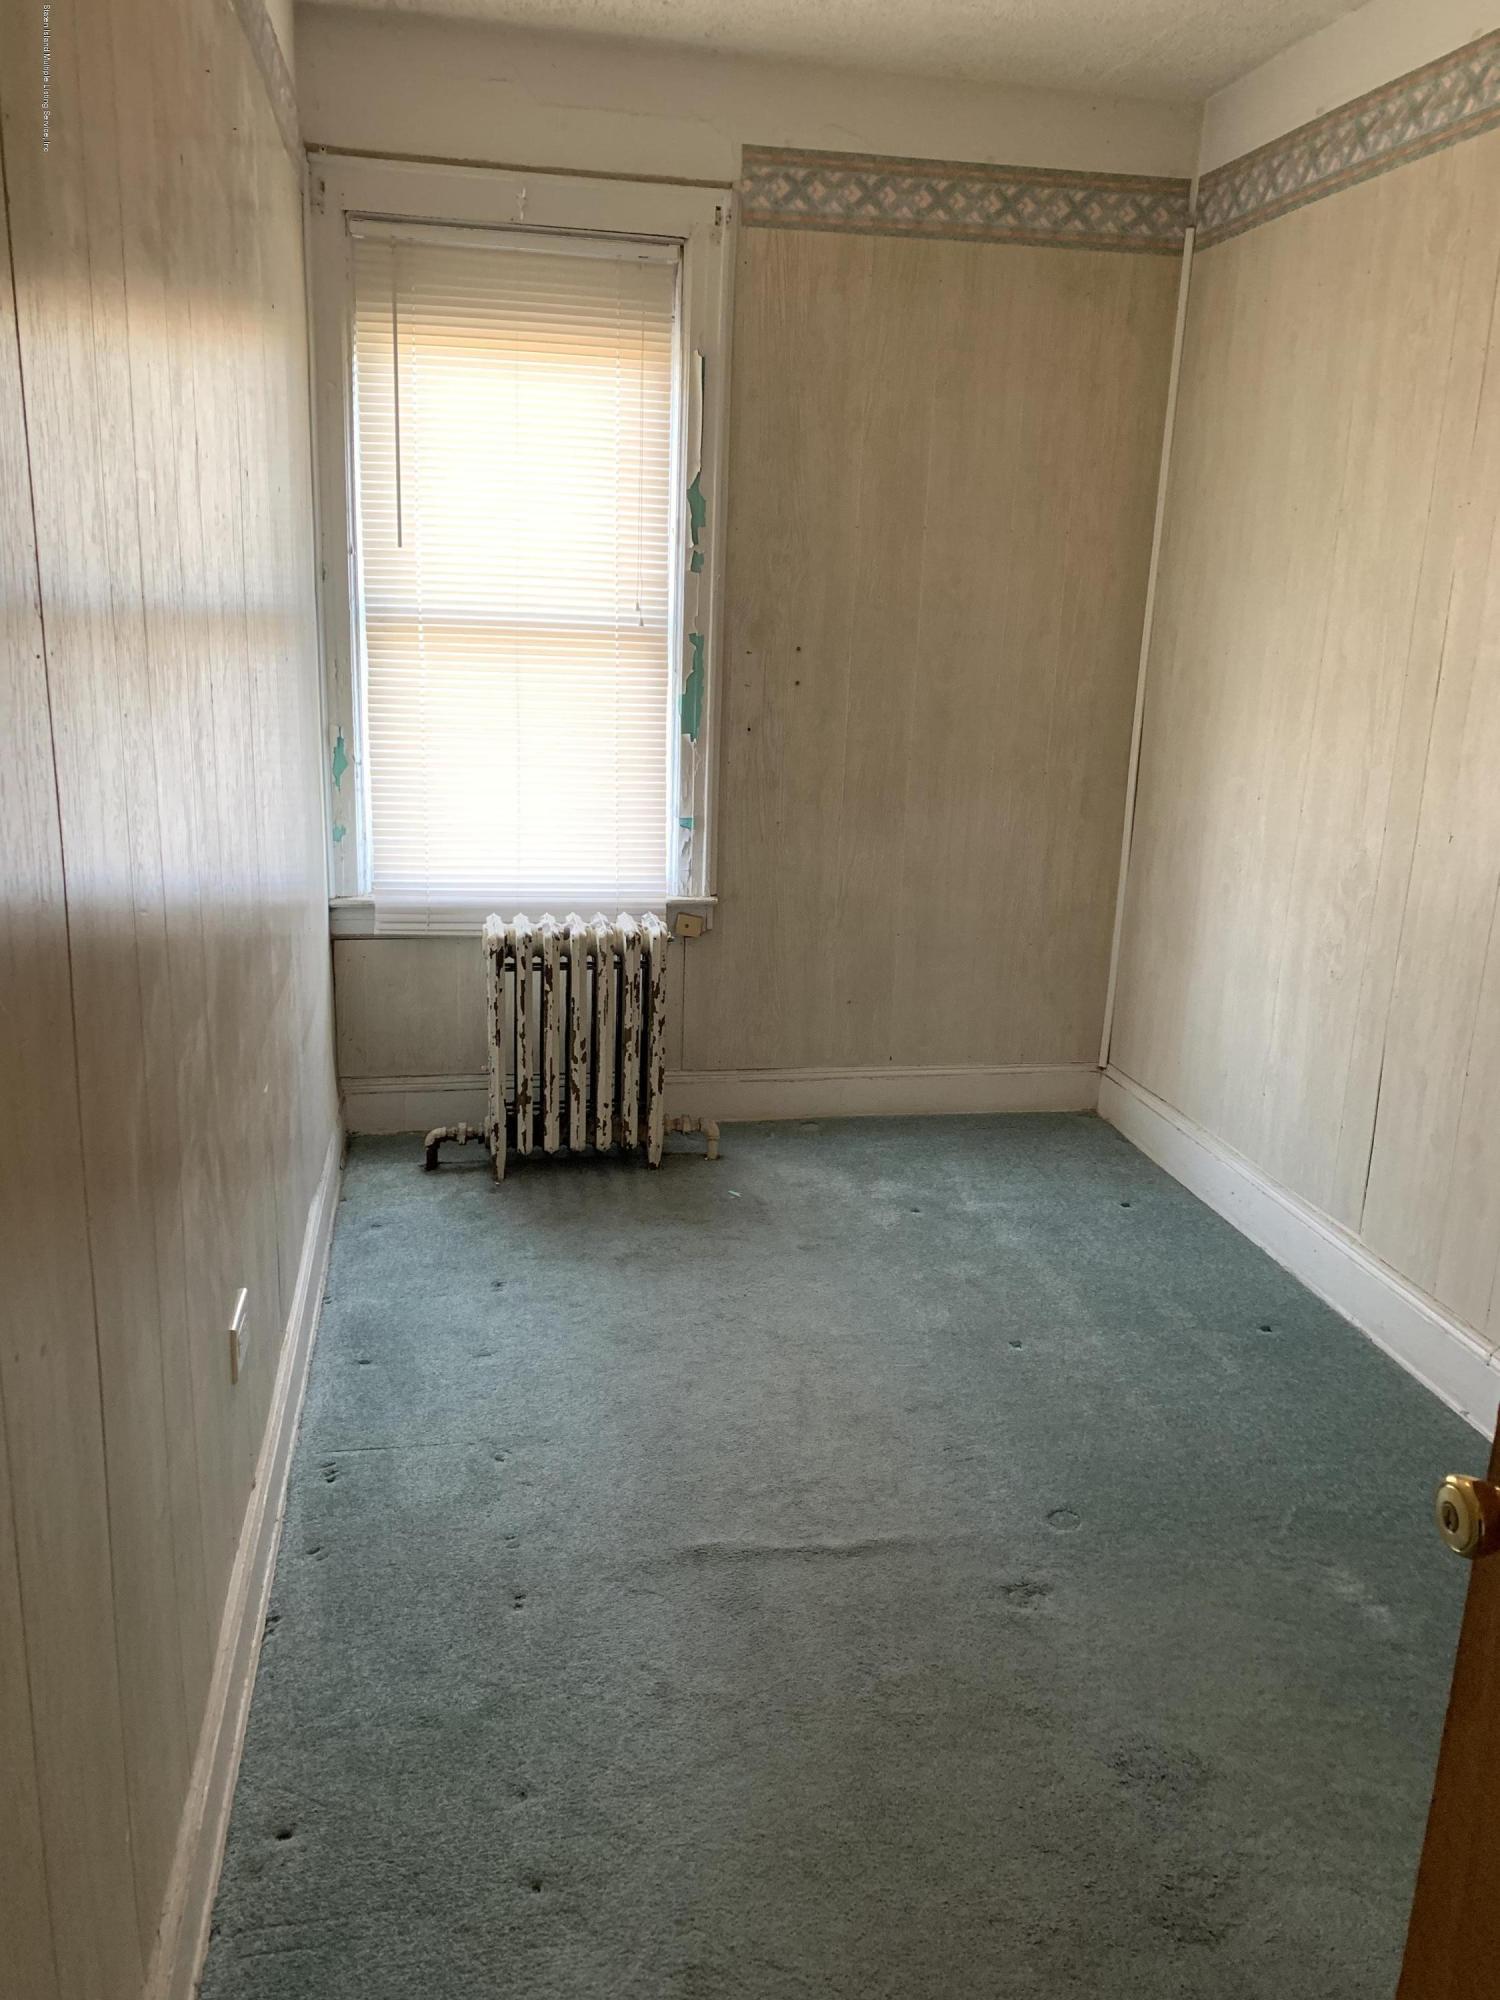 Single Family - Detached 152 Bay 53rd Street  Brooklyn, NY 11214, MLS-1125954-15